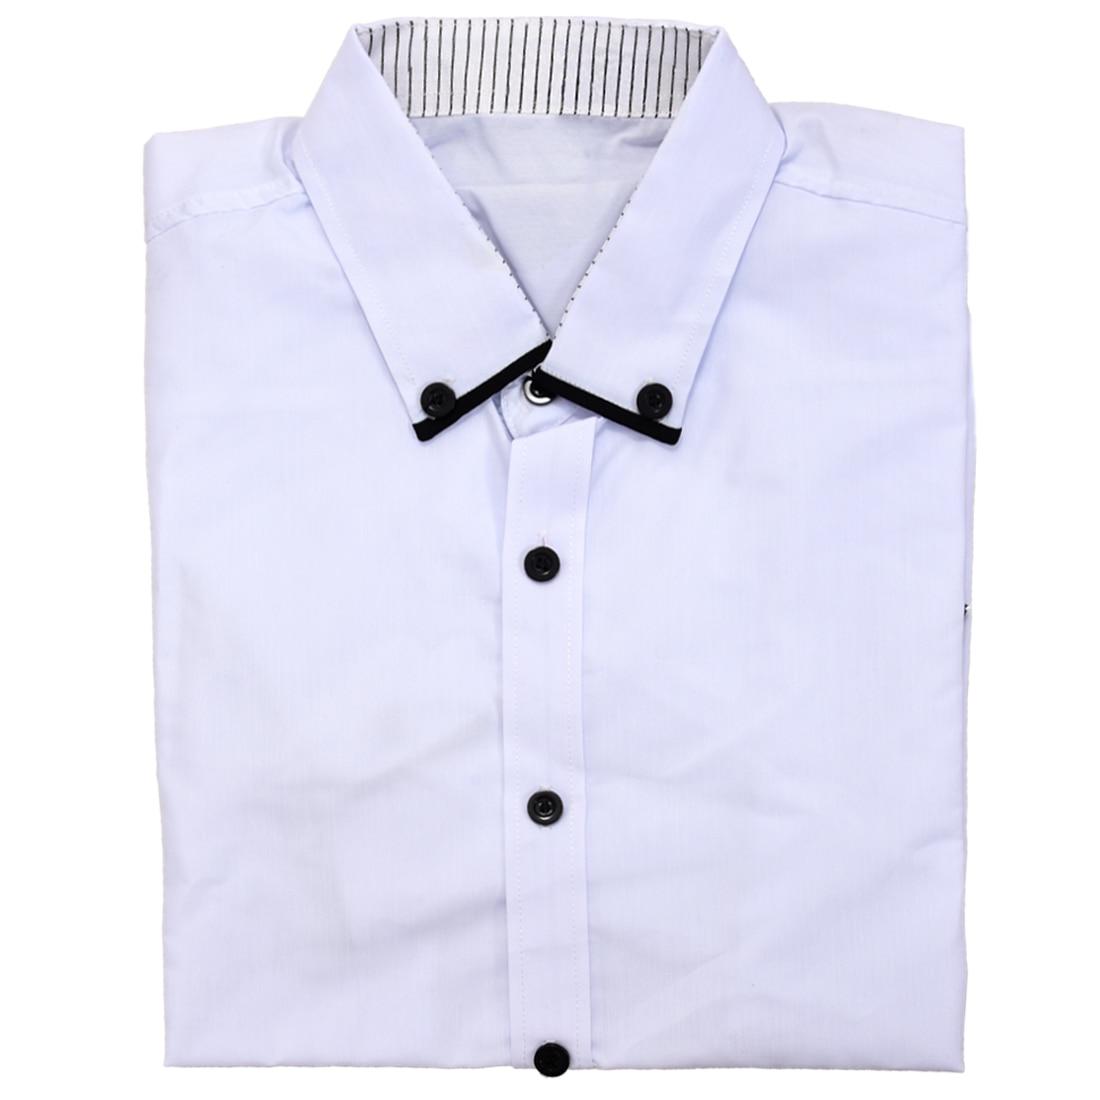 Белый Лето Мужская Мода Рубашки Платья Плед Хитов Цвет Окантовка Выстроились в Полоску Slim Fit С Короткими рукавами Рубашки